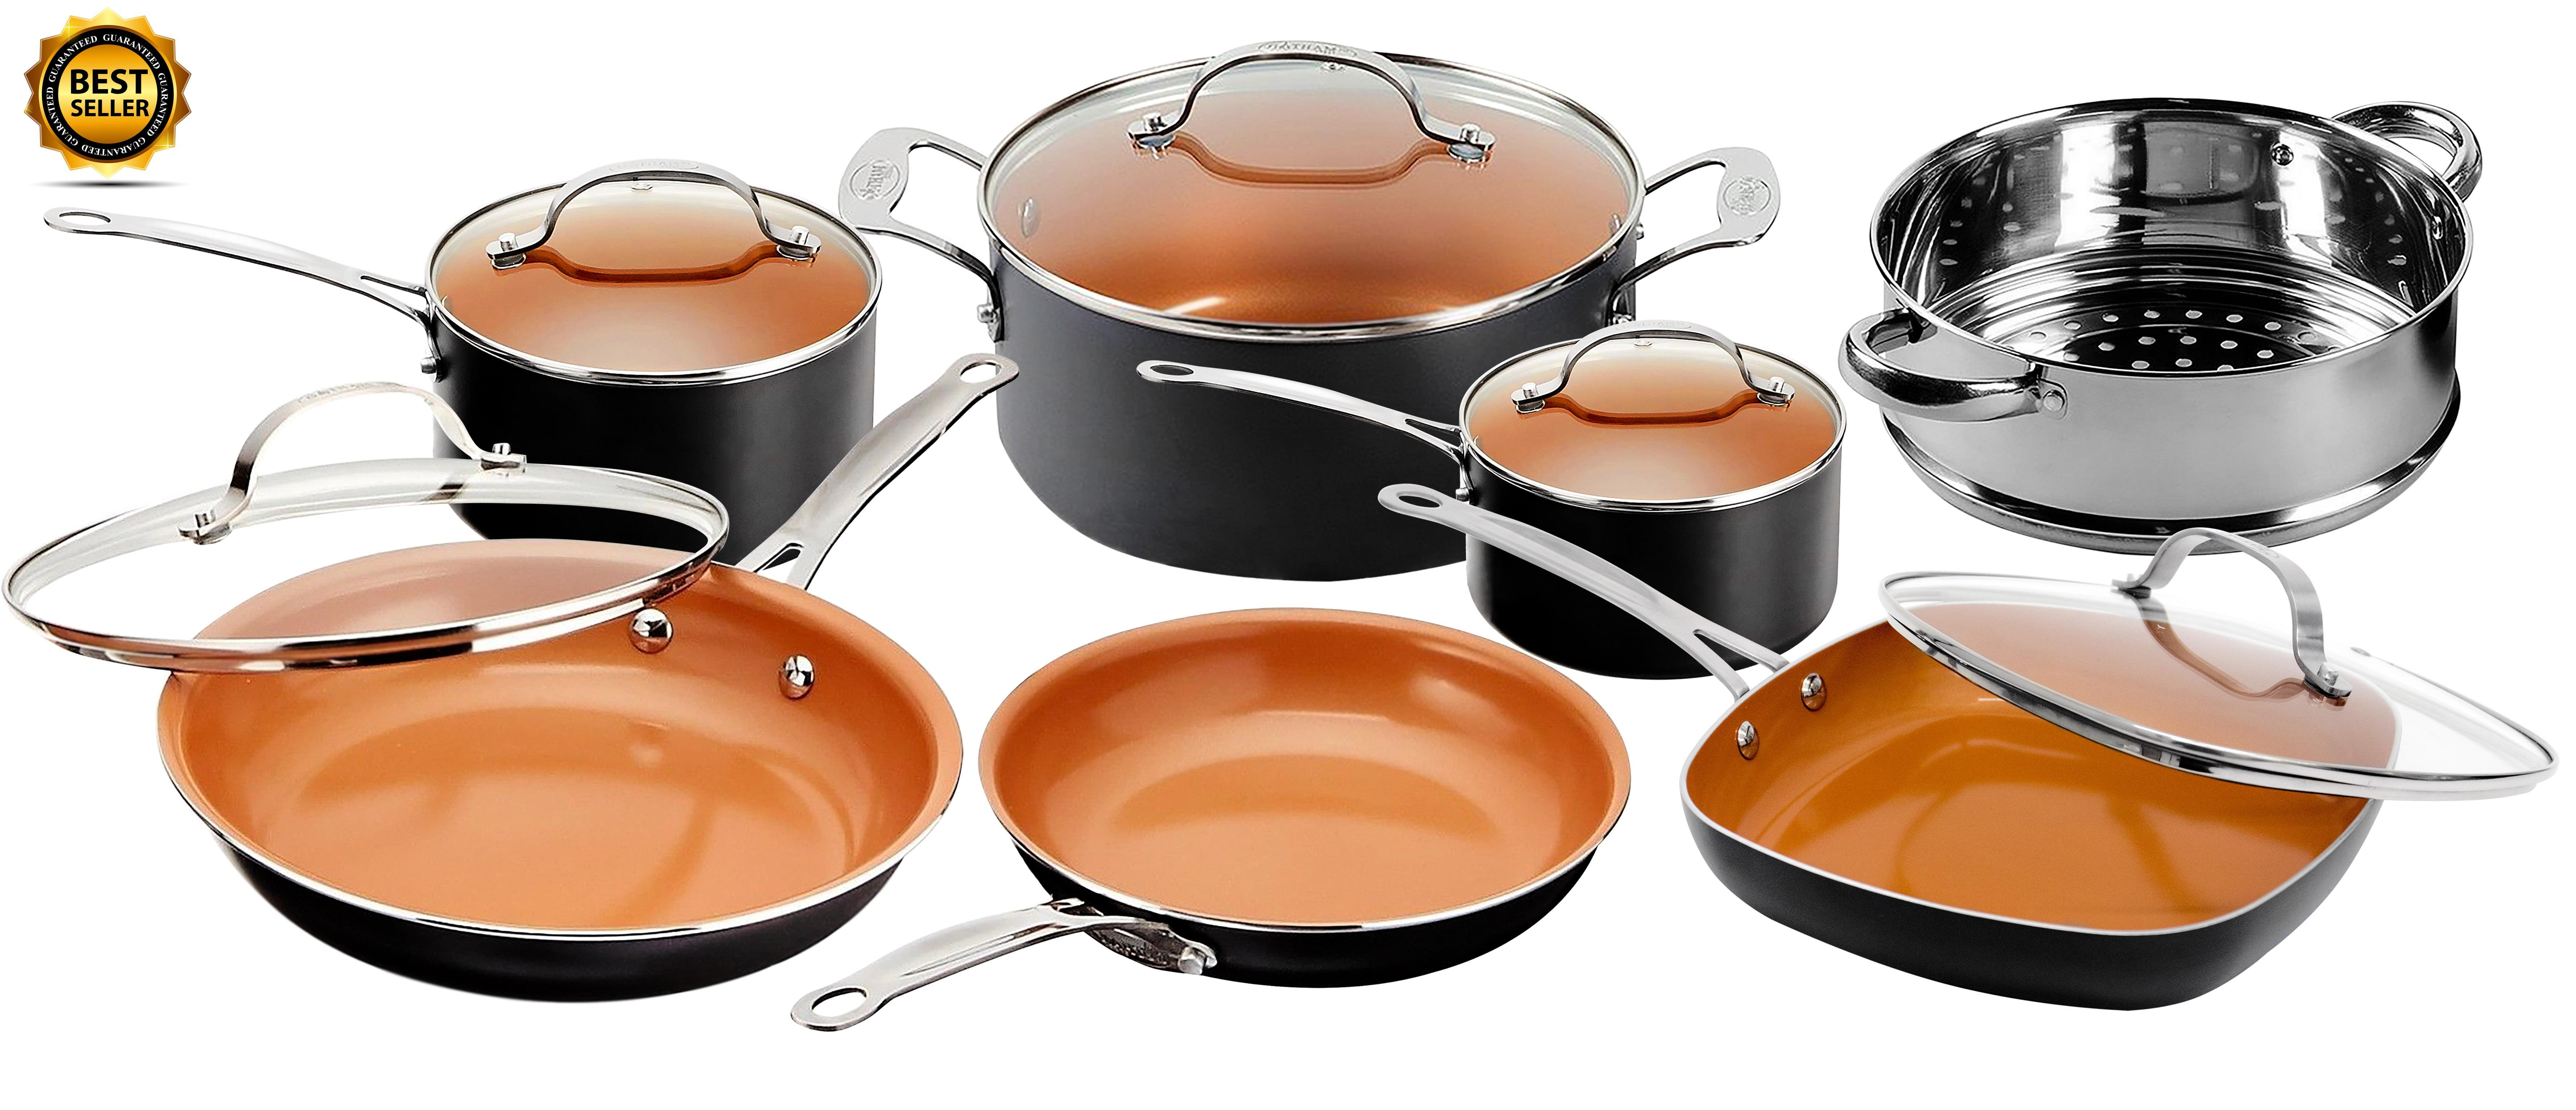 Gotham Steel Nonstick Black Frying Pan & Cookware Set, 12 Piece